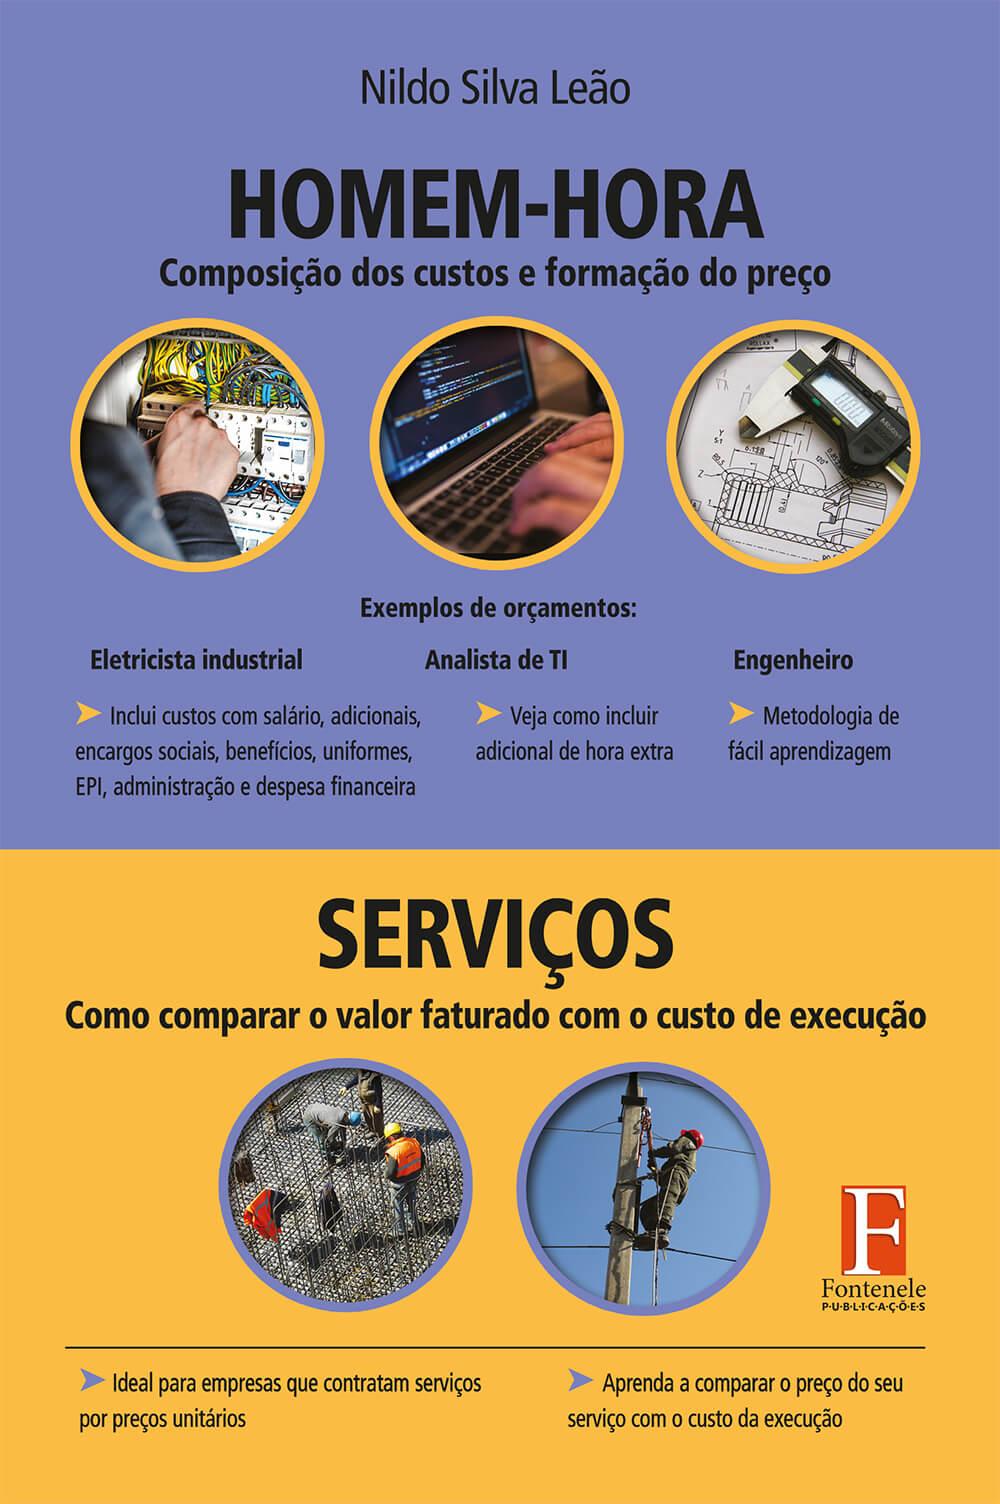 Fontenele Publicações / 11 95150-3481 / 11  95150-4383 HOMEM HORA ‐ COMPOSIÇÃO DOS CUSTOS E FORMAÇÃO DO PREÇO